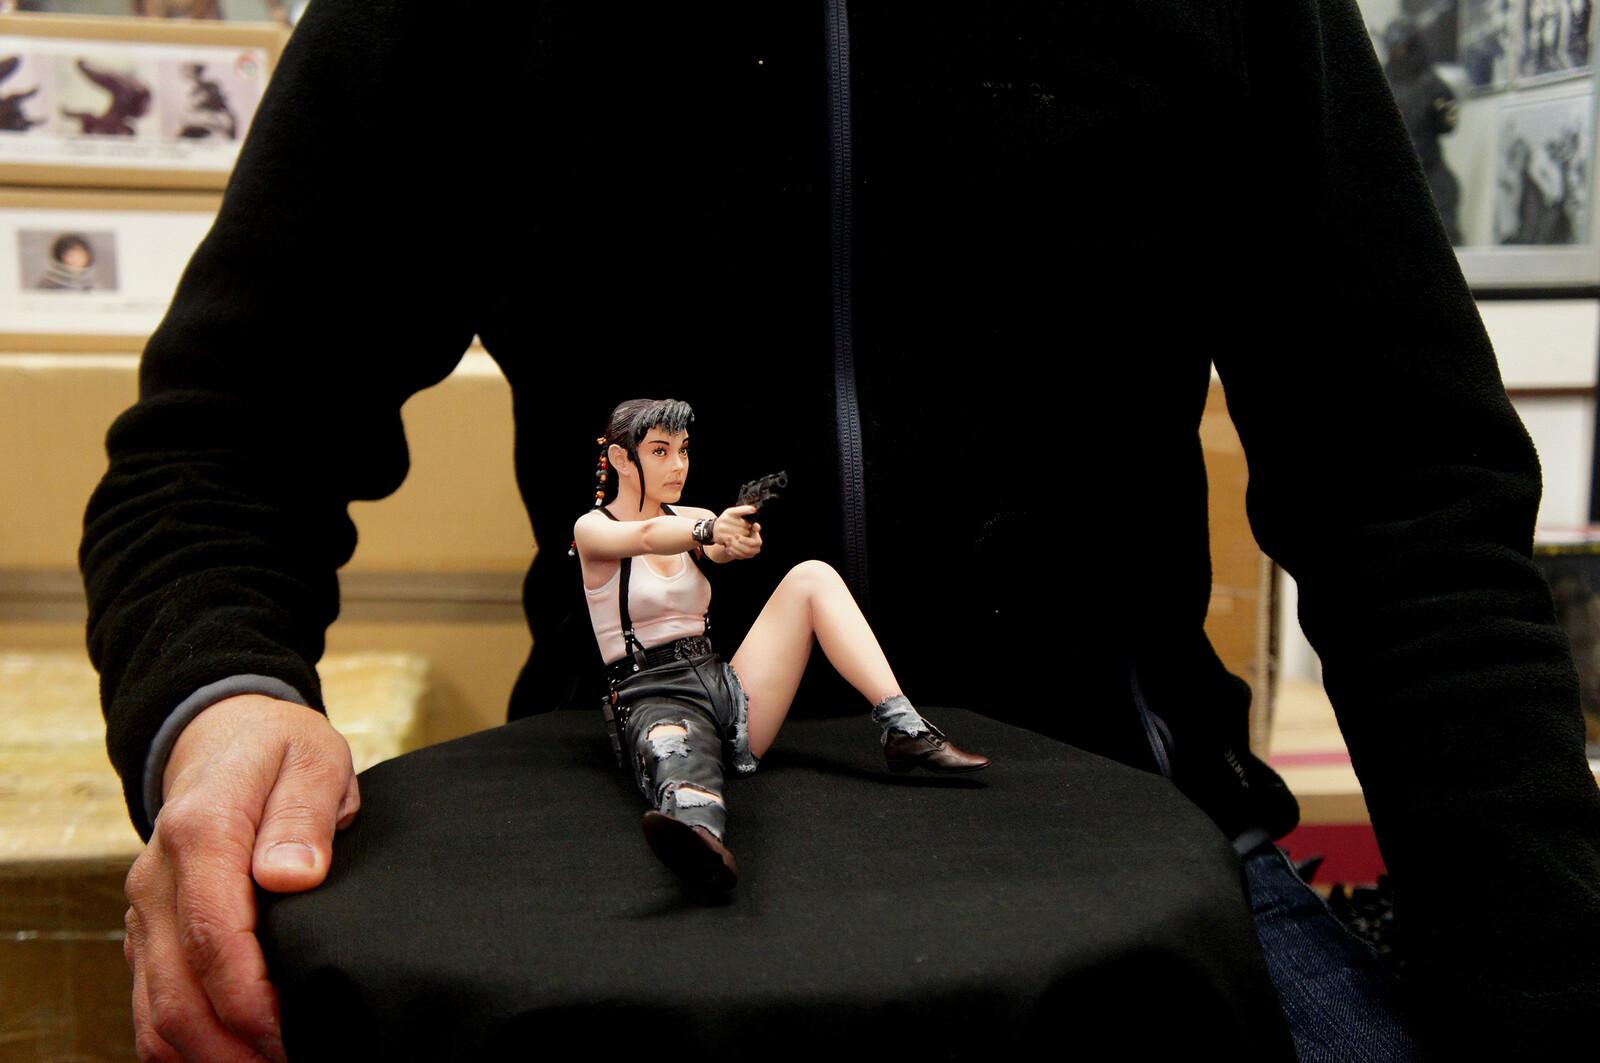 雨宮慶太: ゼイラム II イリア (森山 祐子)  Keita Amemiya : Zeiram II Iria Yûko Moriyama Art Statue https://www.solidart.club/